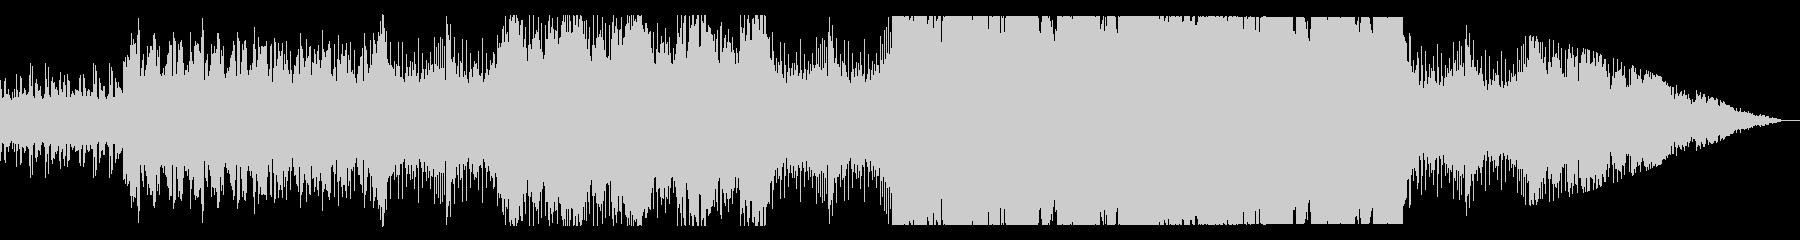 オーケストラによる緊迫した出撃シーンの未再生の波形